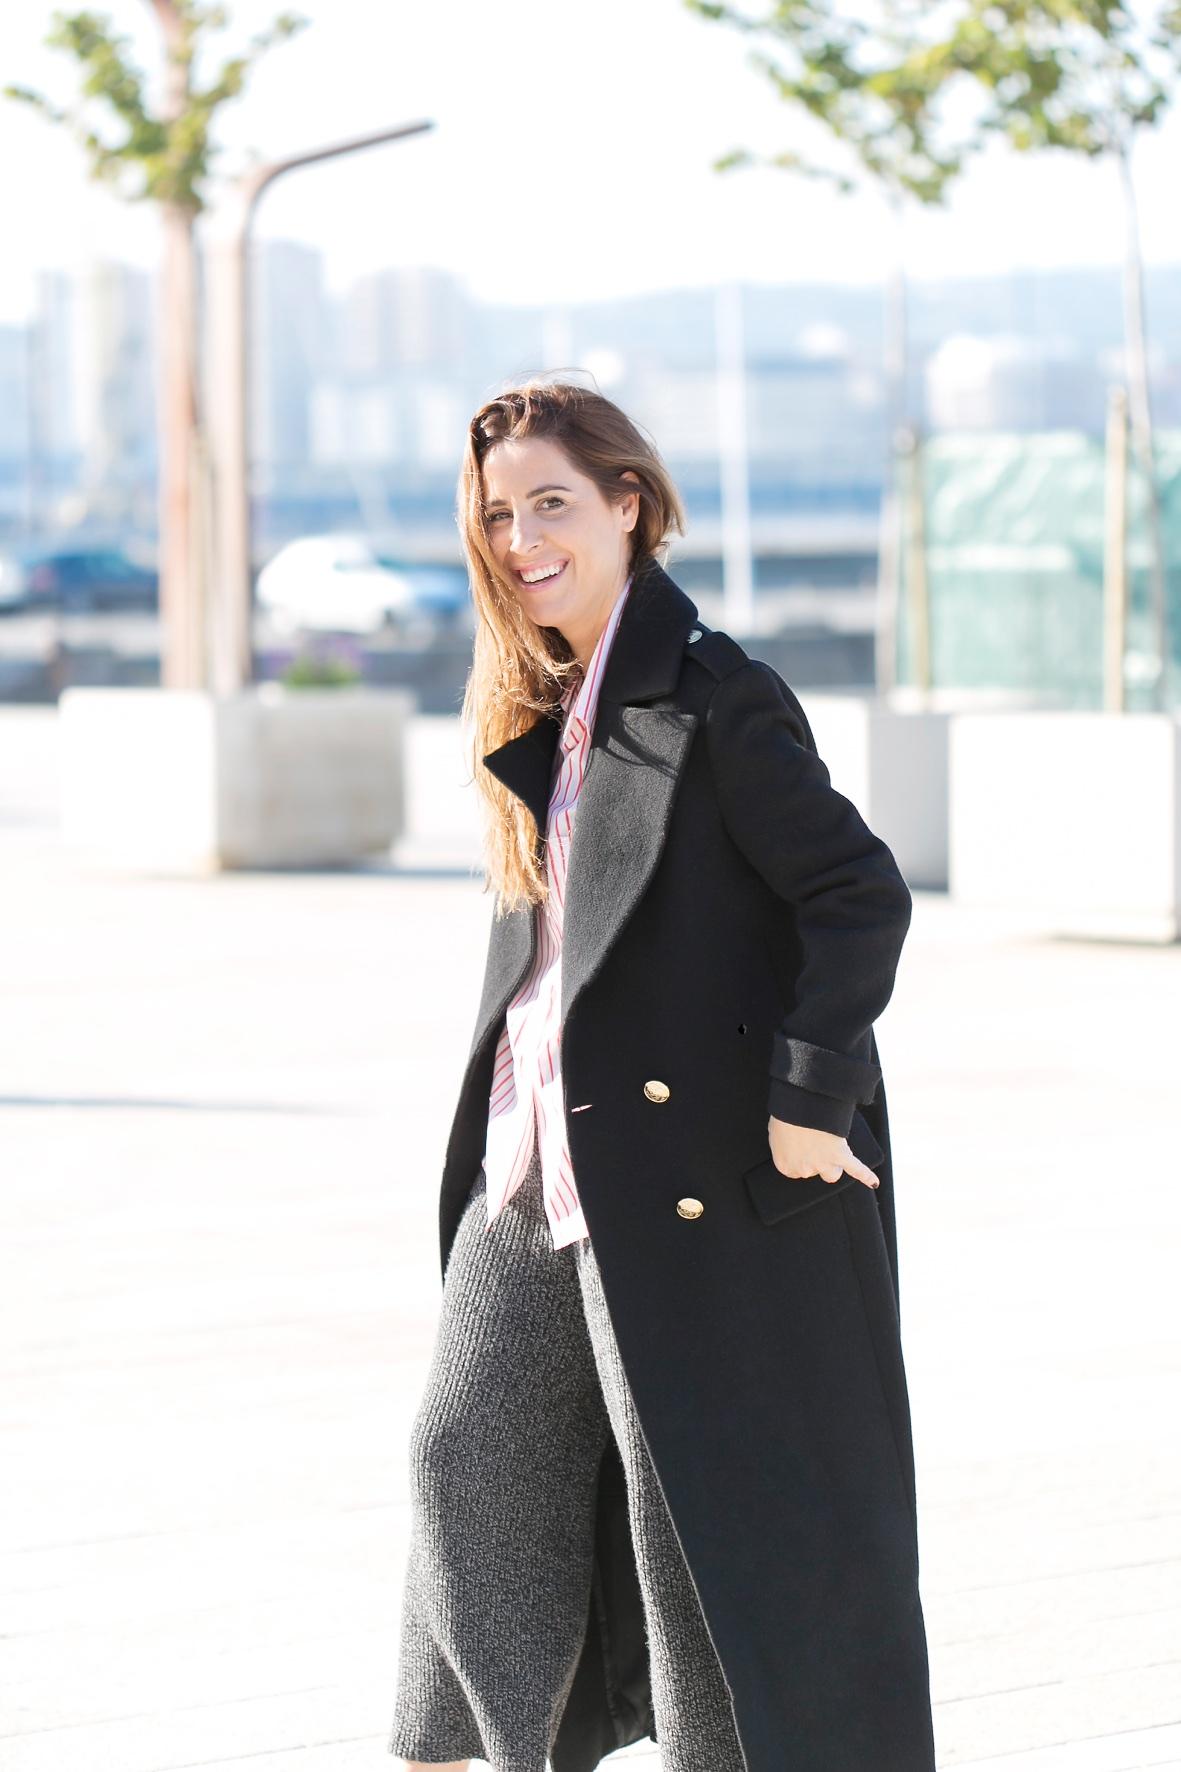 descalzaporelparque-fashion-streetstyle-blogger-influencer-moda-coruña